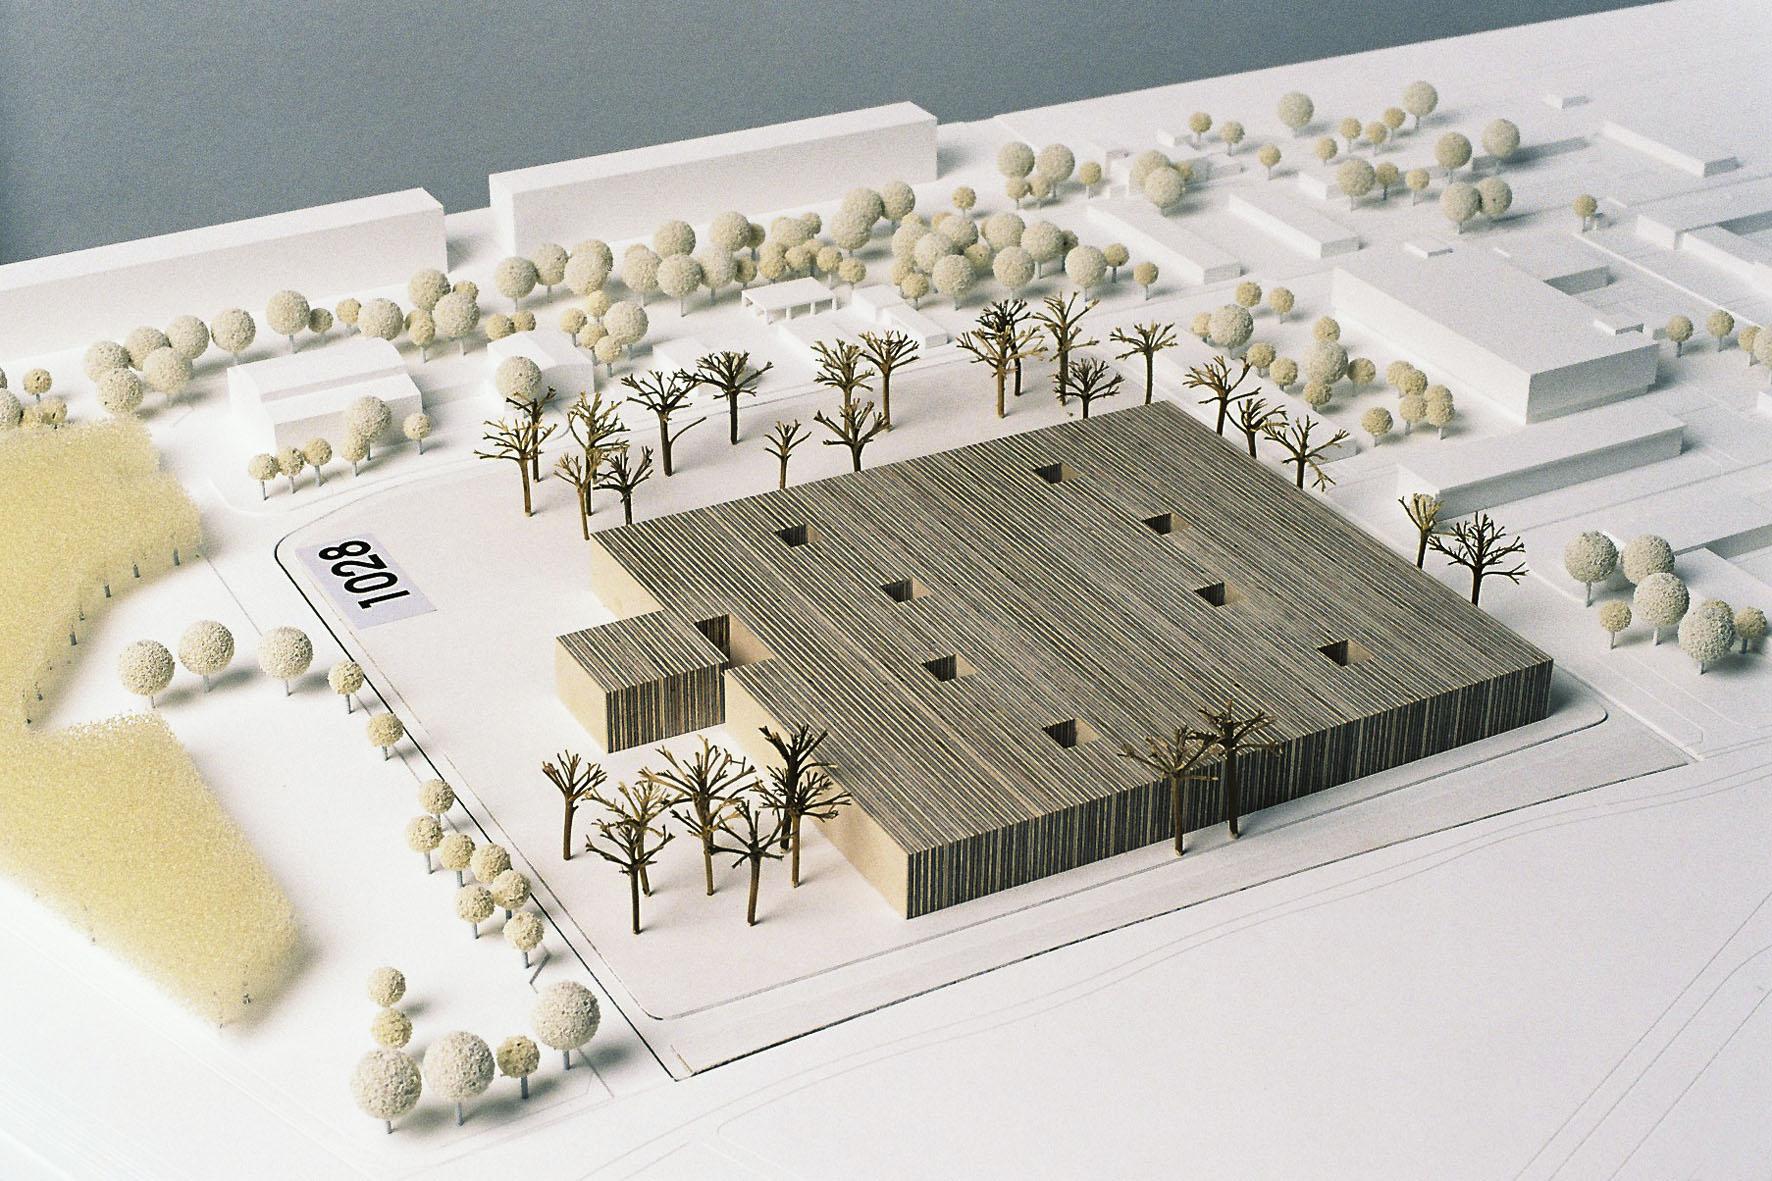 Architektur Modell   Friedrichshagen Staatsbibliothek Zu Berlin